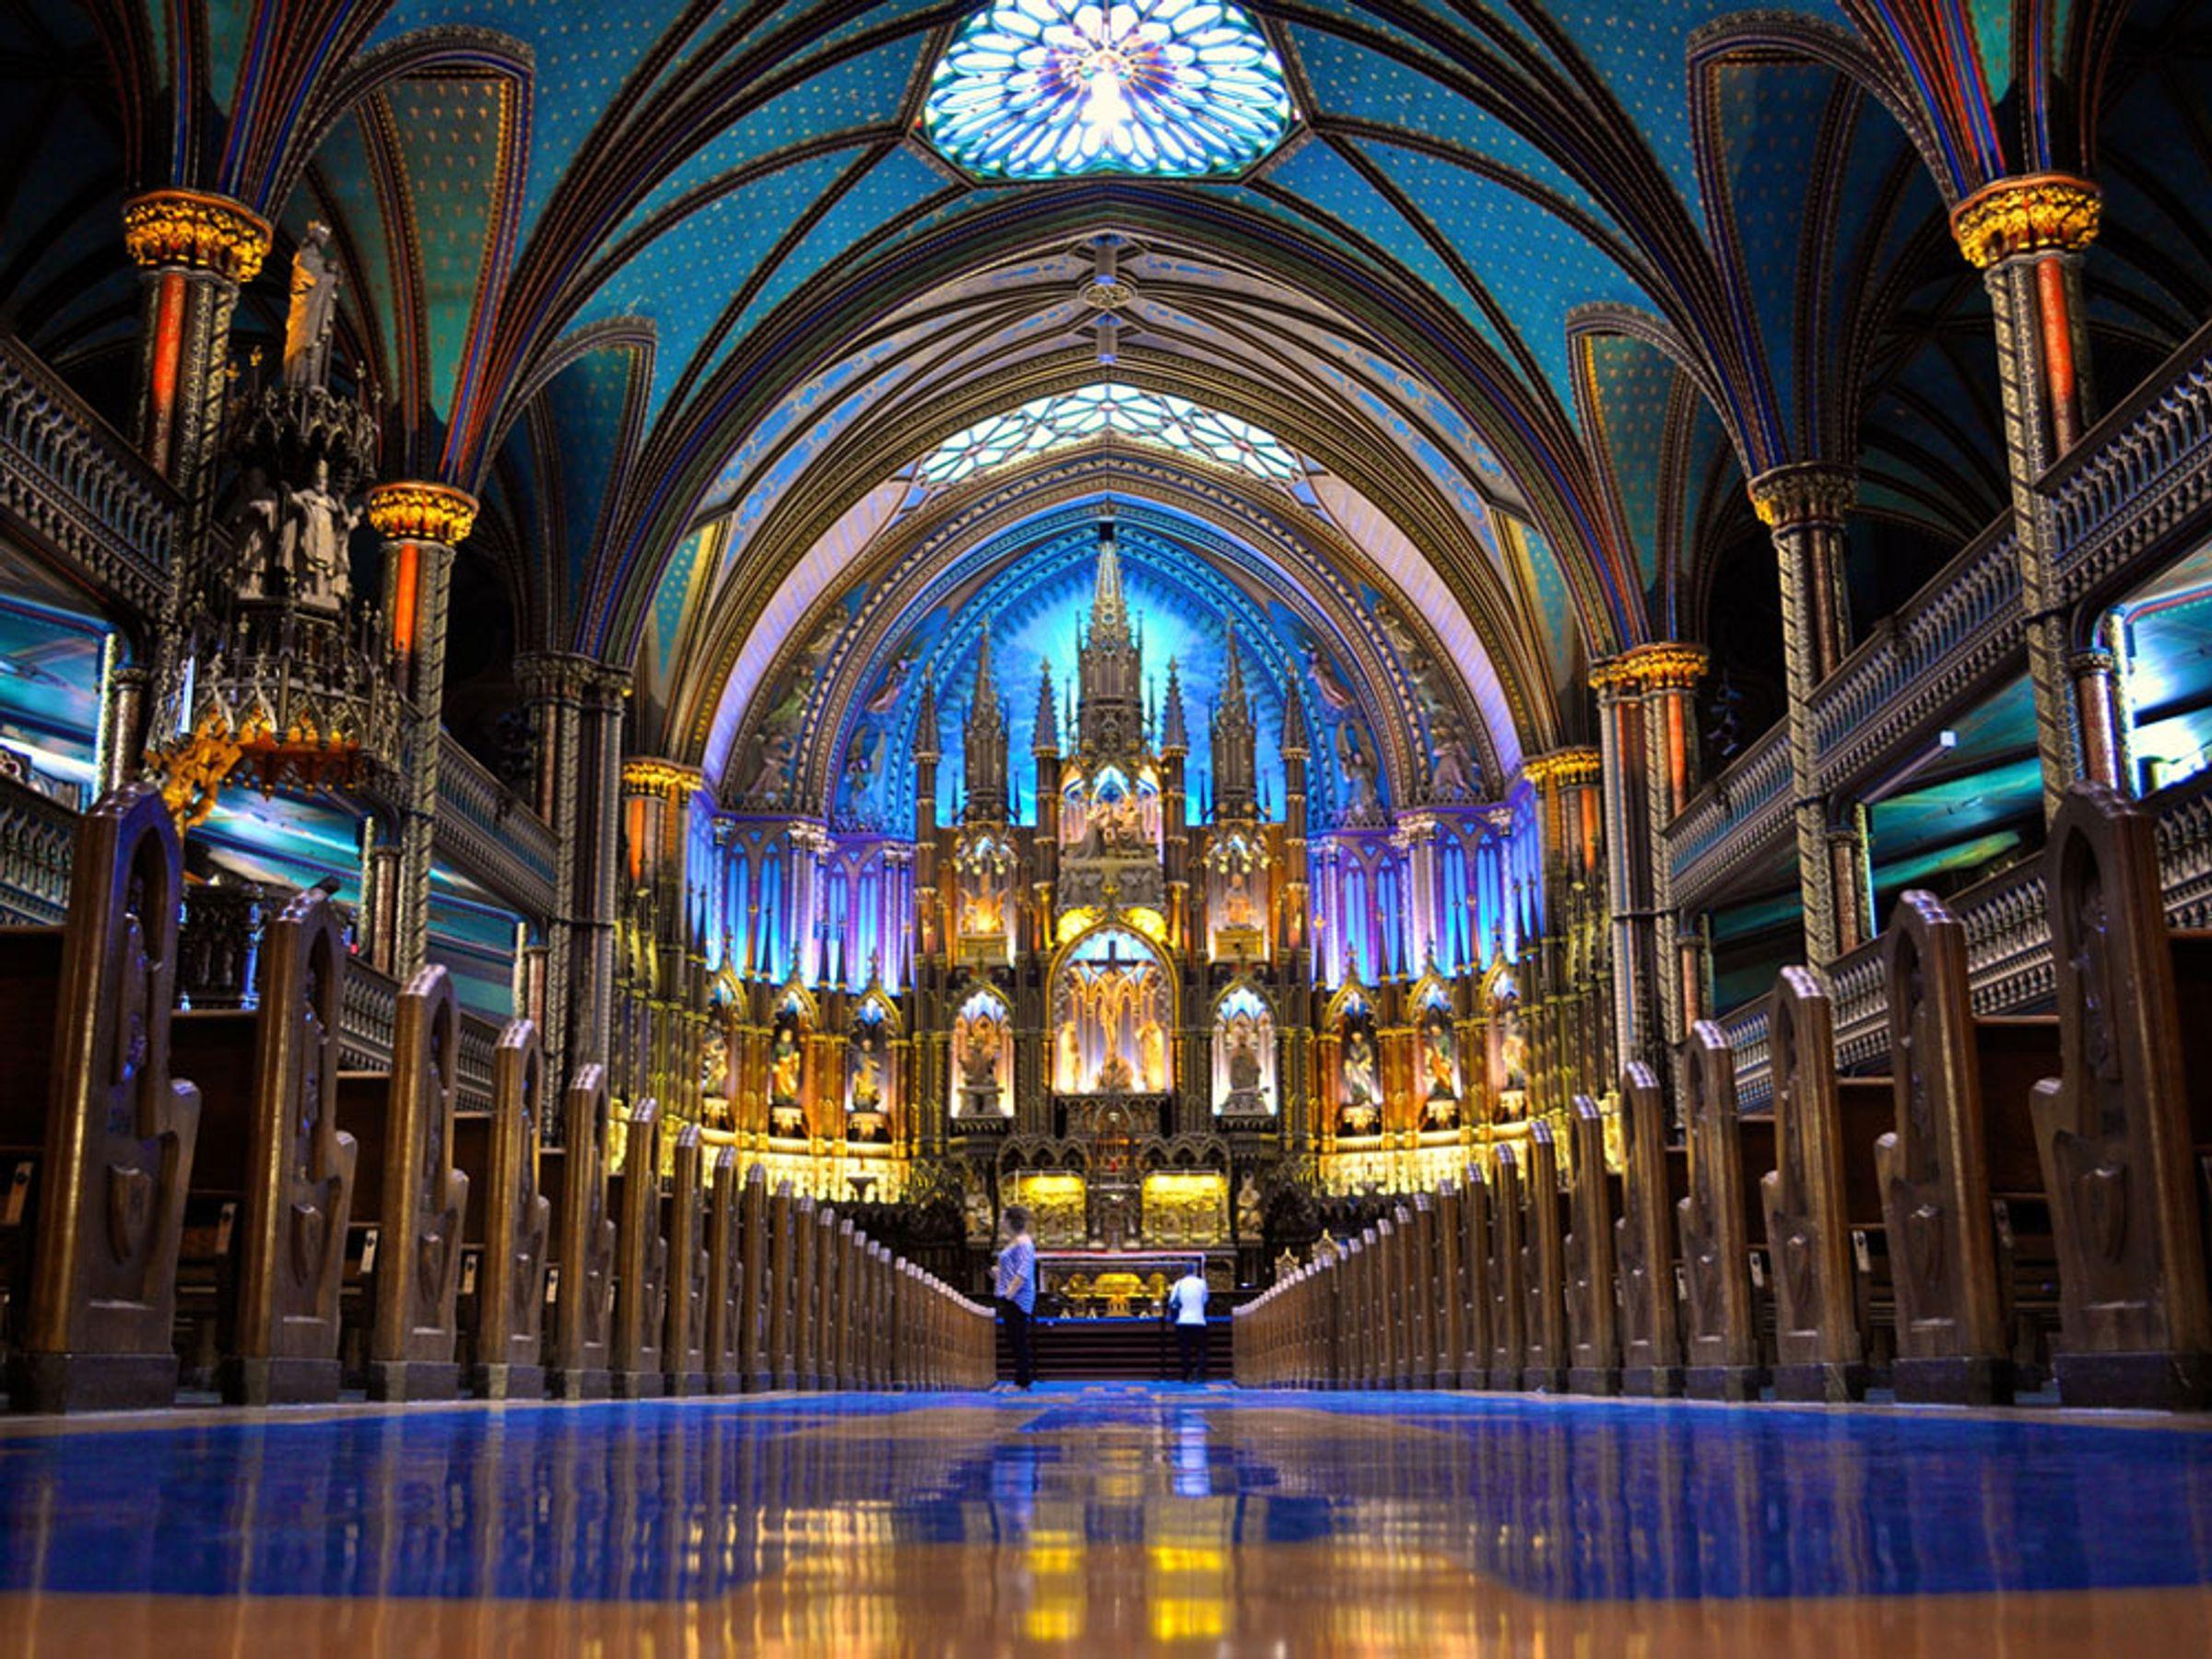 Şehrin en önemli yapılarından biri olan Bazilika.